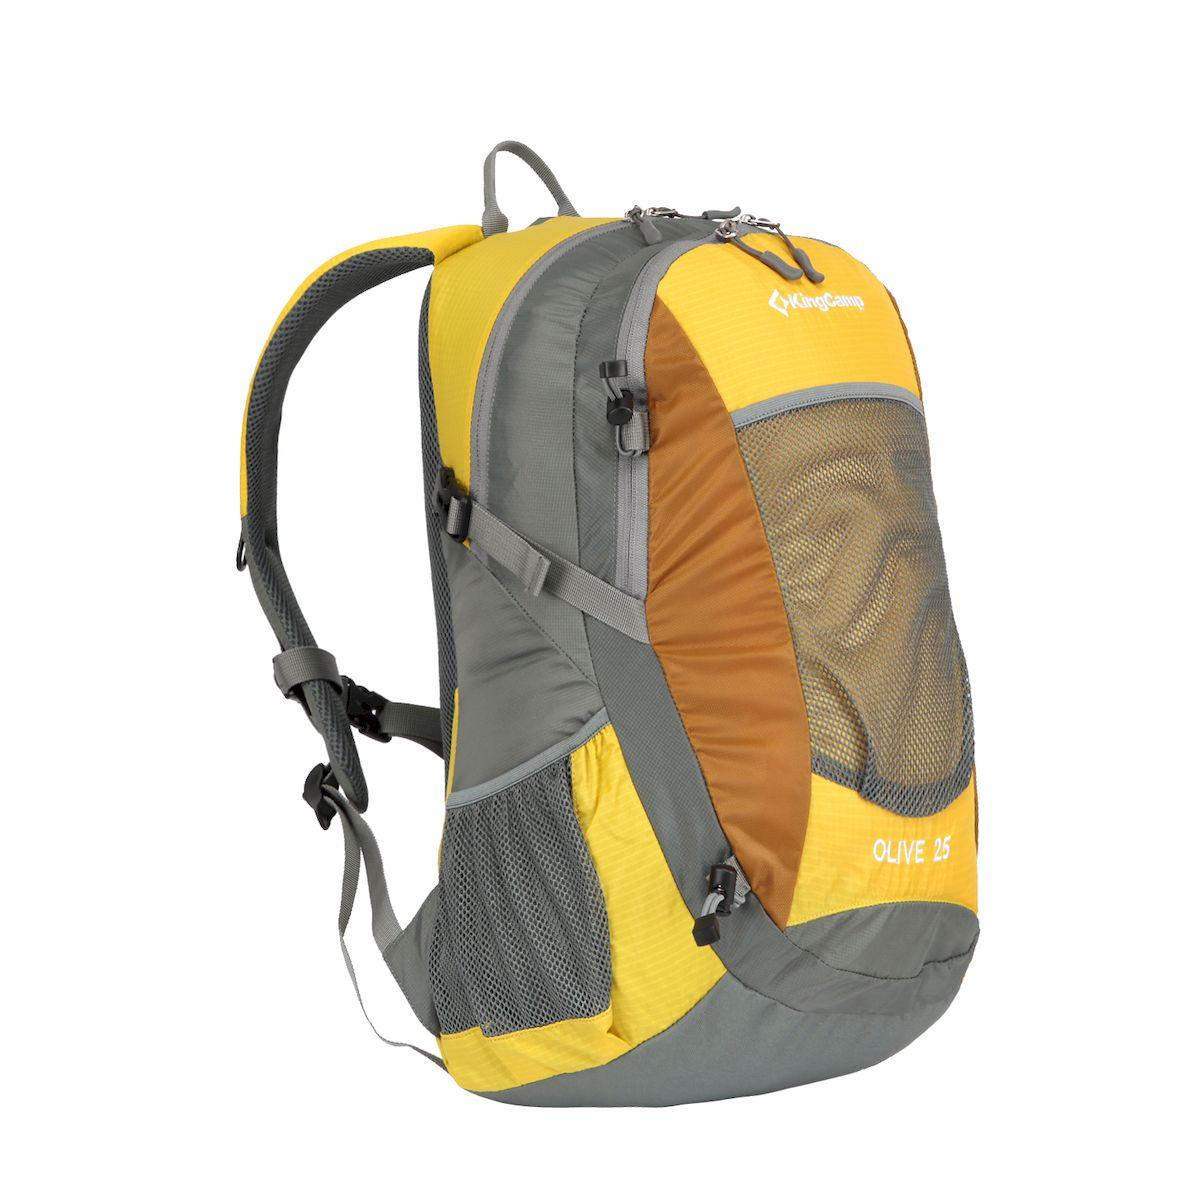 Рюкзак городской KingCamp OLIVE, цвет желтый. 25л рюкзак городской kingcamp peach 28l цвет красный серый